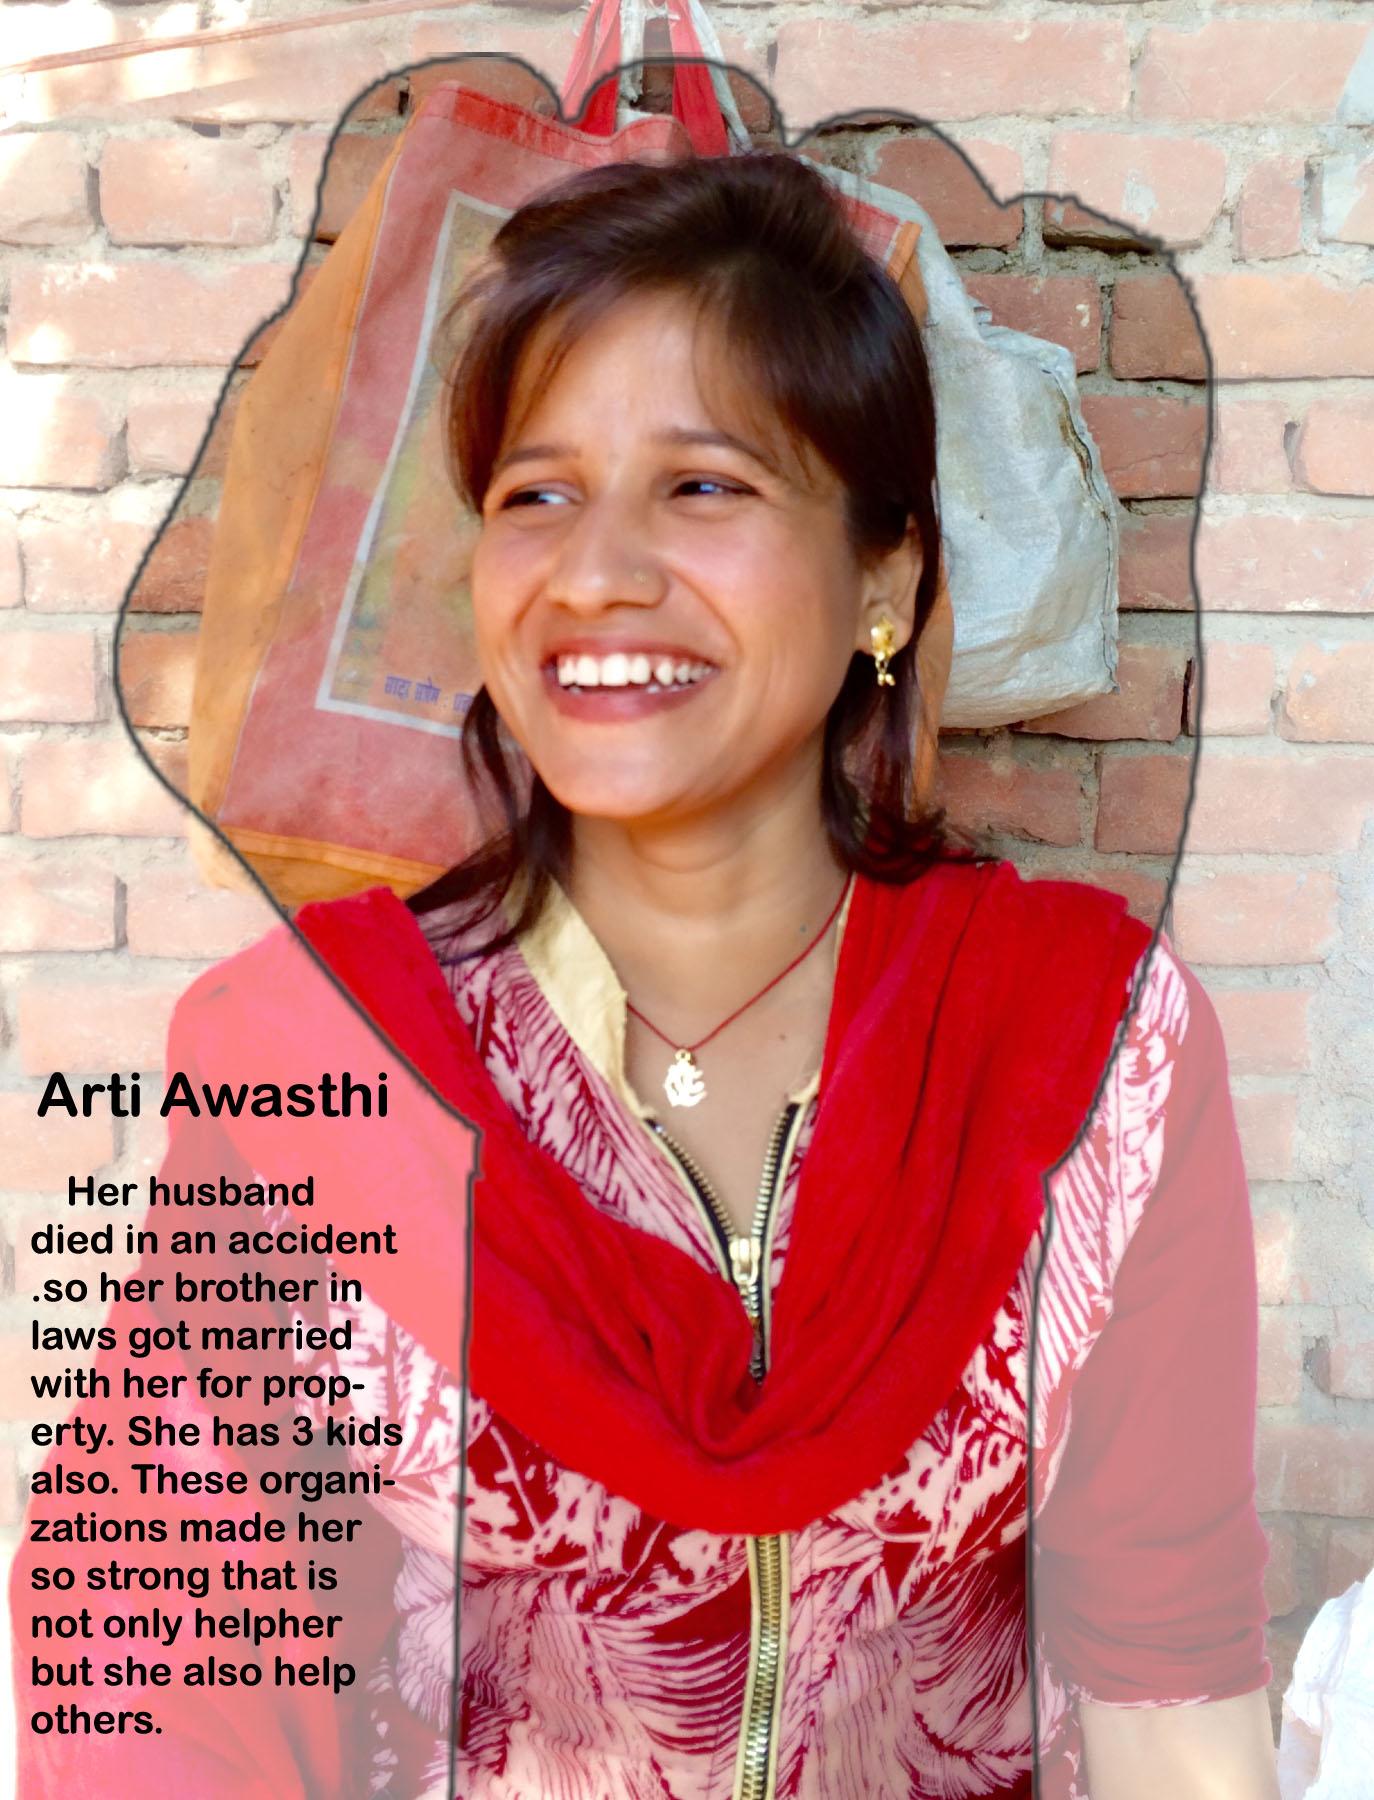 Arti awasthi women human right defender--.jpg